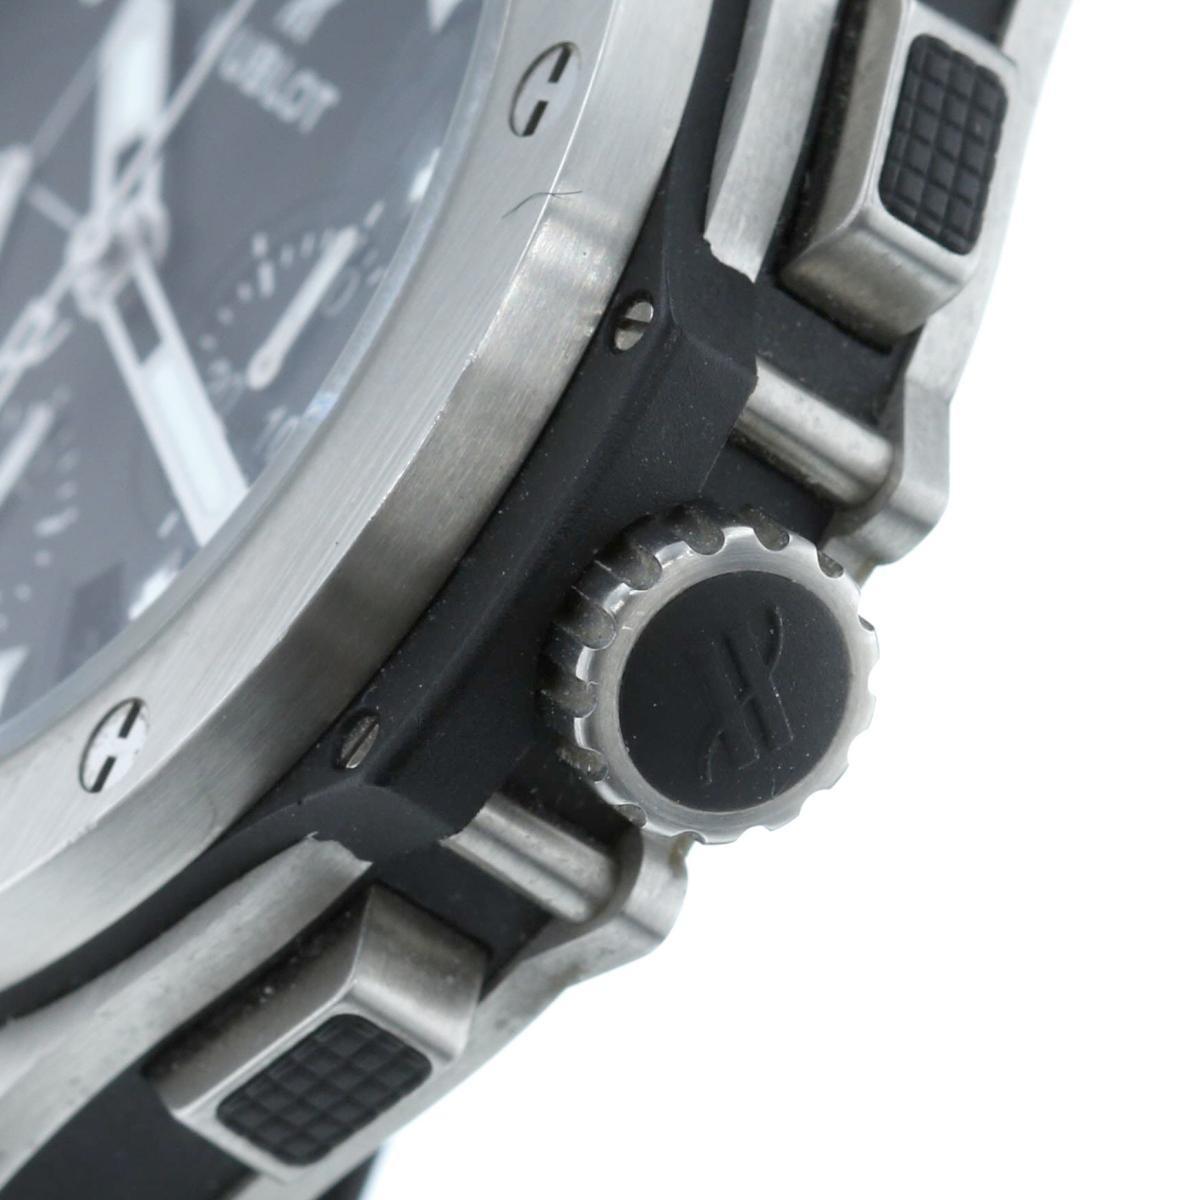 【最終処分セール】 HUBLOT (ウブロ) ビッグバン エボリューション 44� 時計 自動巻き/メンズ ビックバン Black/ブラック 301.SX.1170.RX used:A